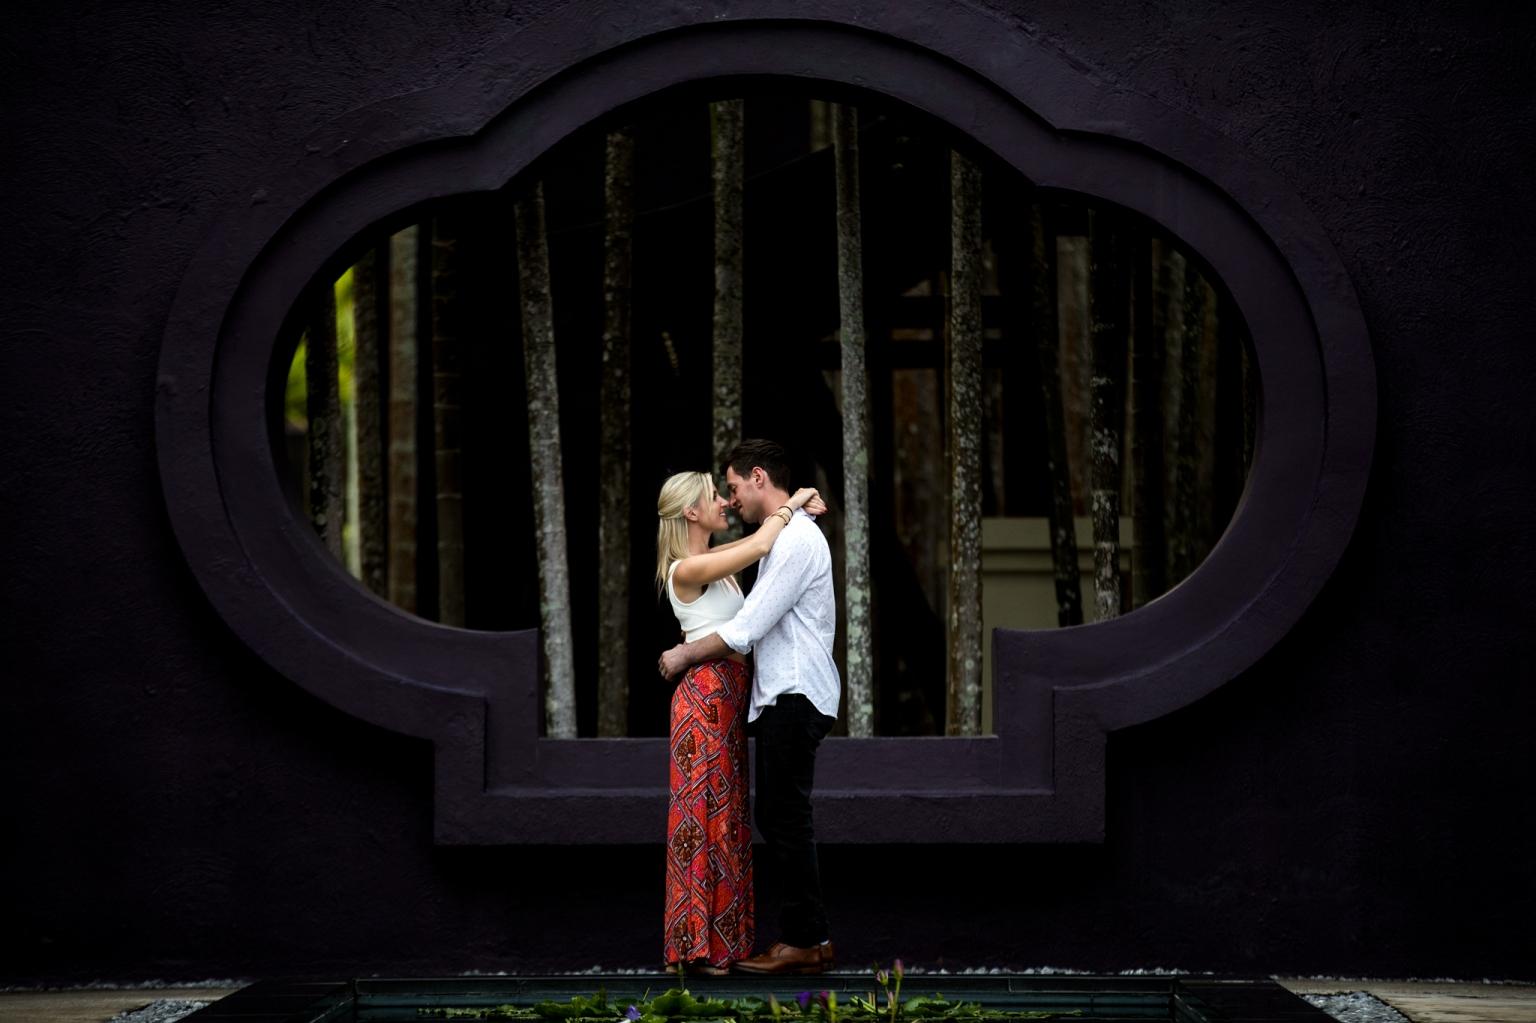 Krabi engagement photoshoot by phuket photographer